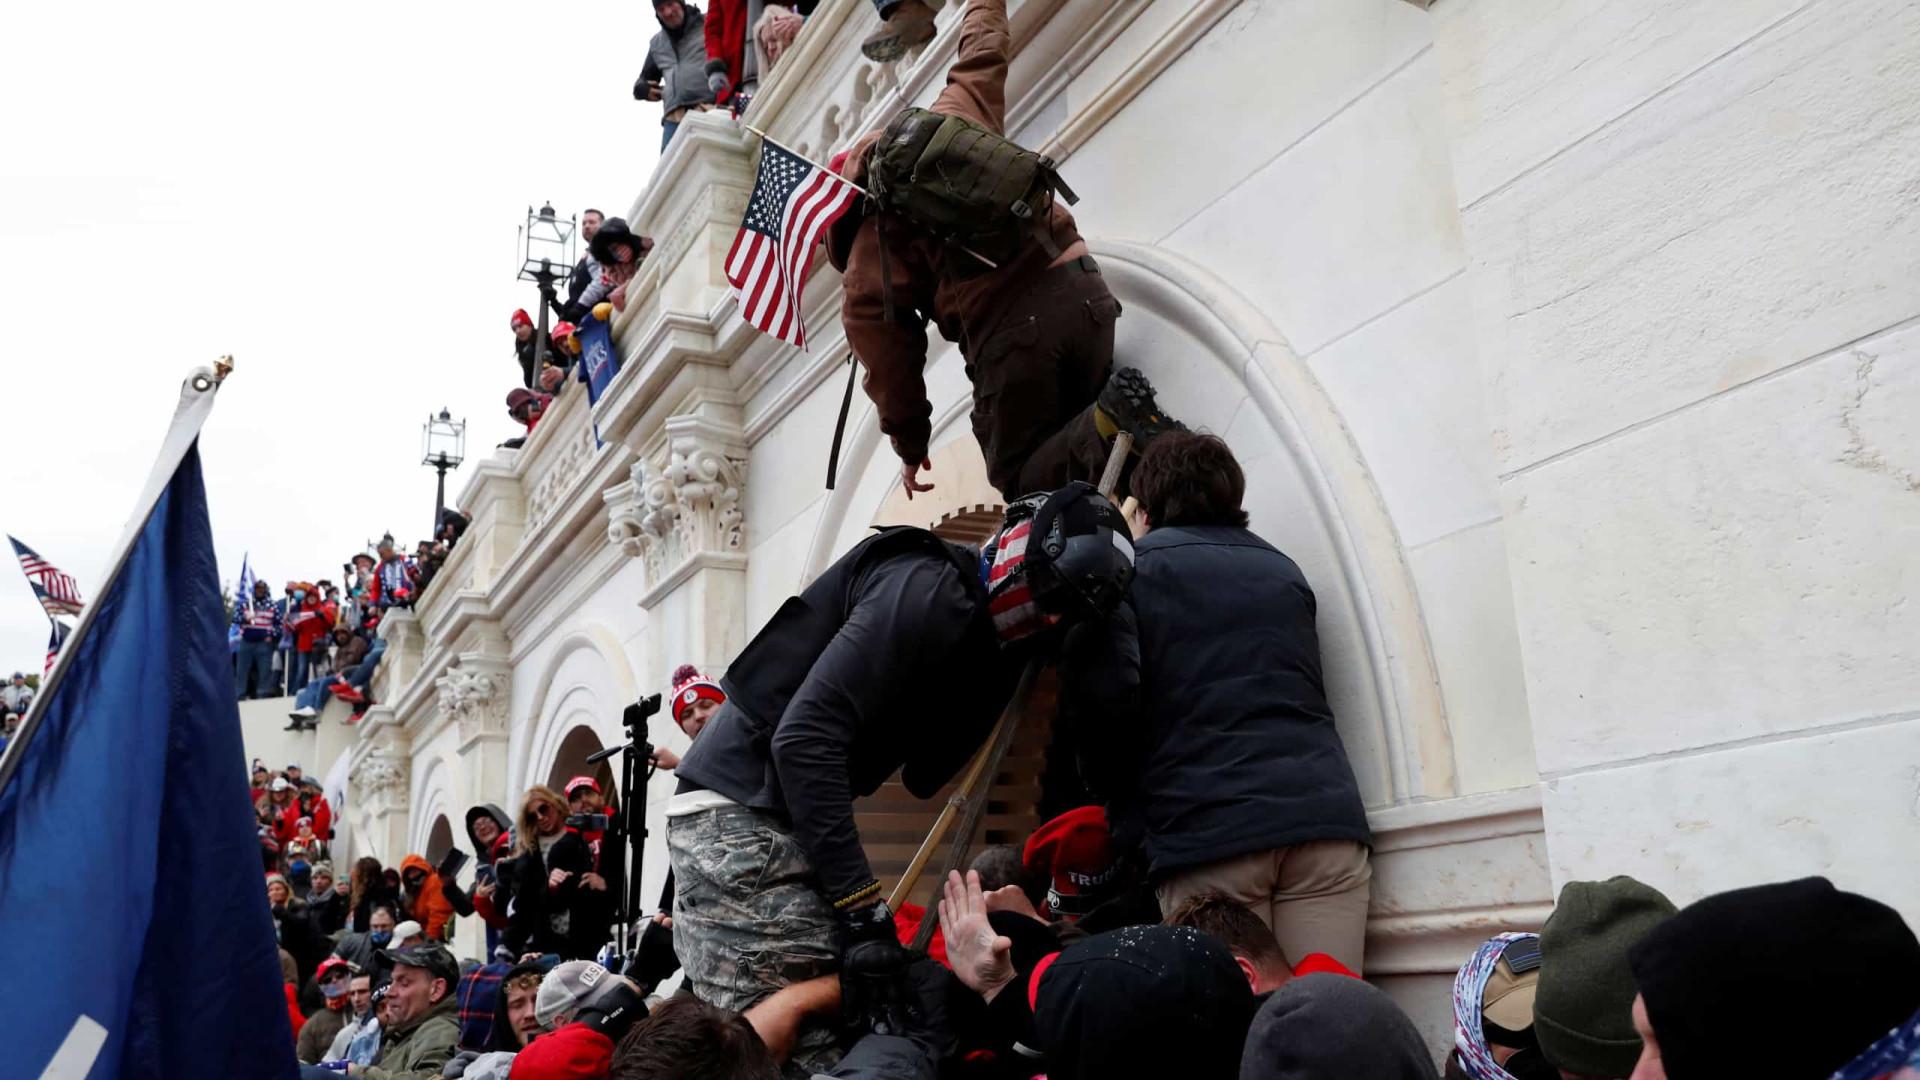 Maioria das denúncias contra invasores nos EUA vem de familiares